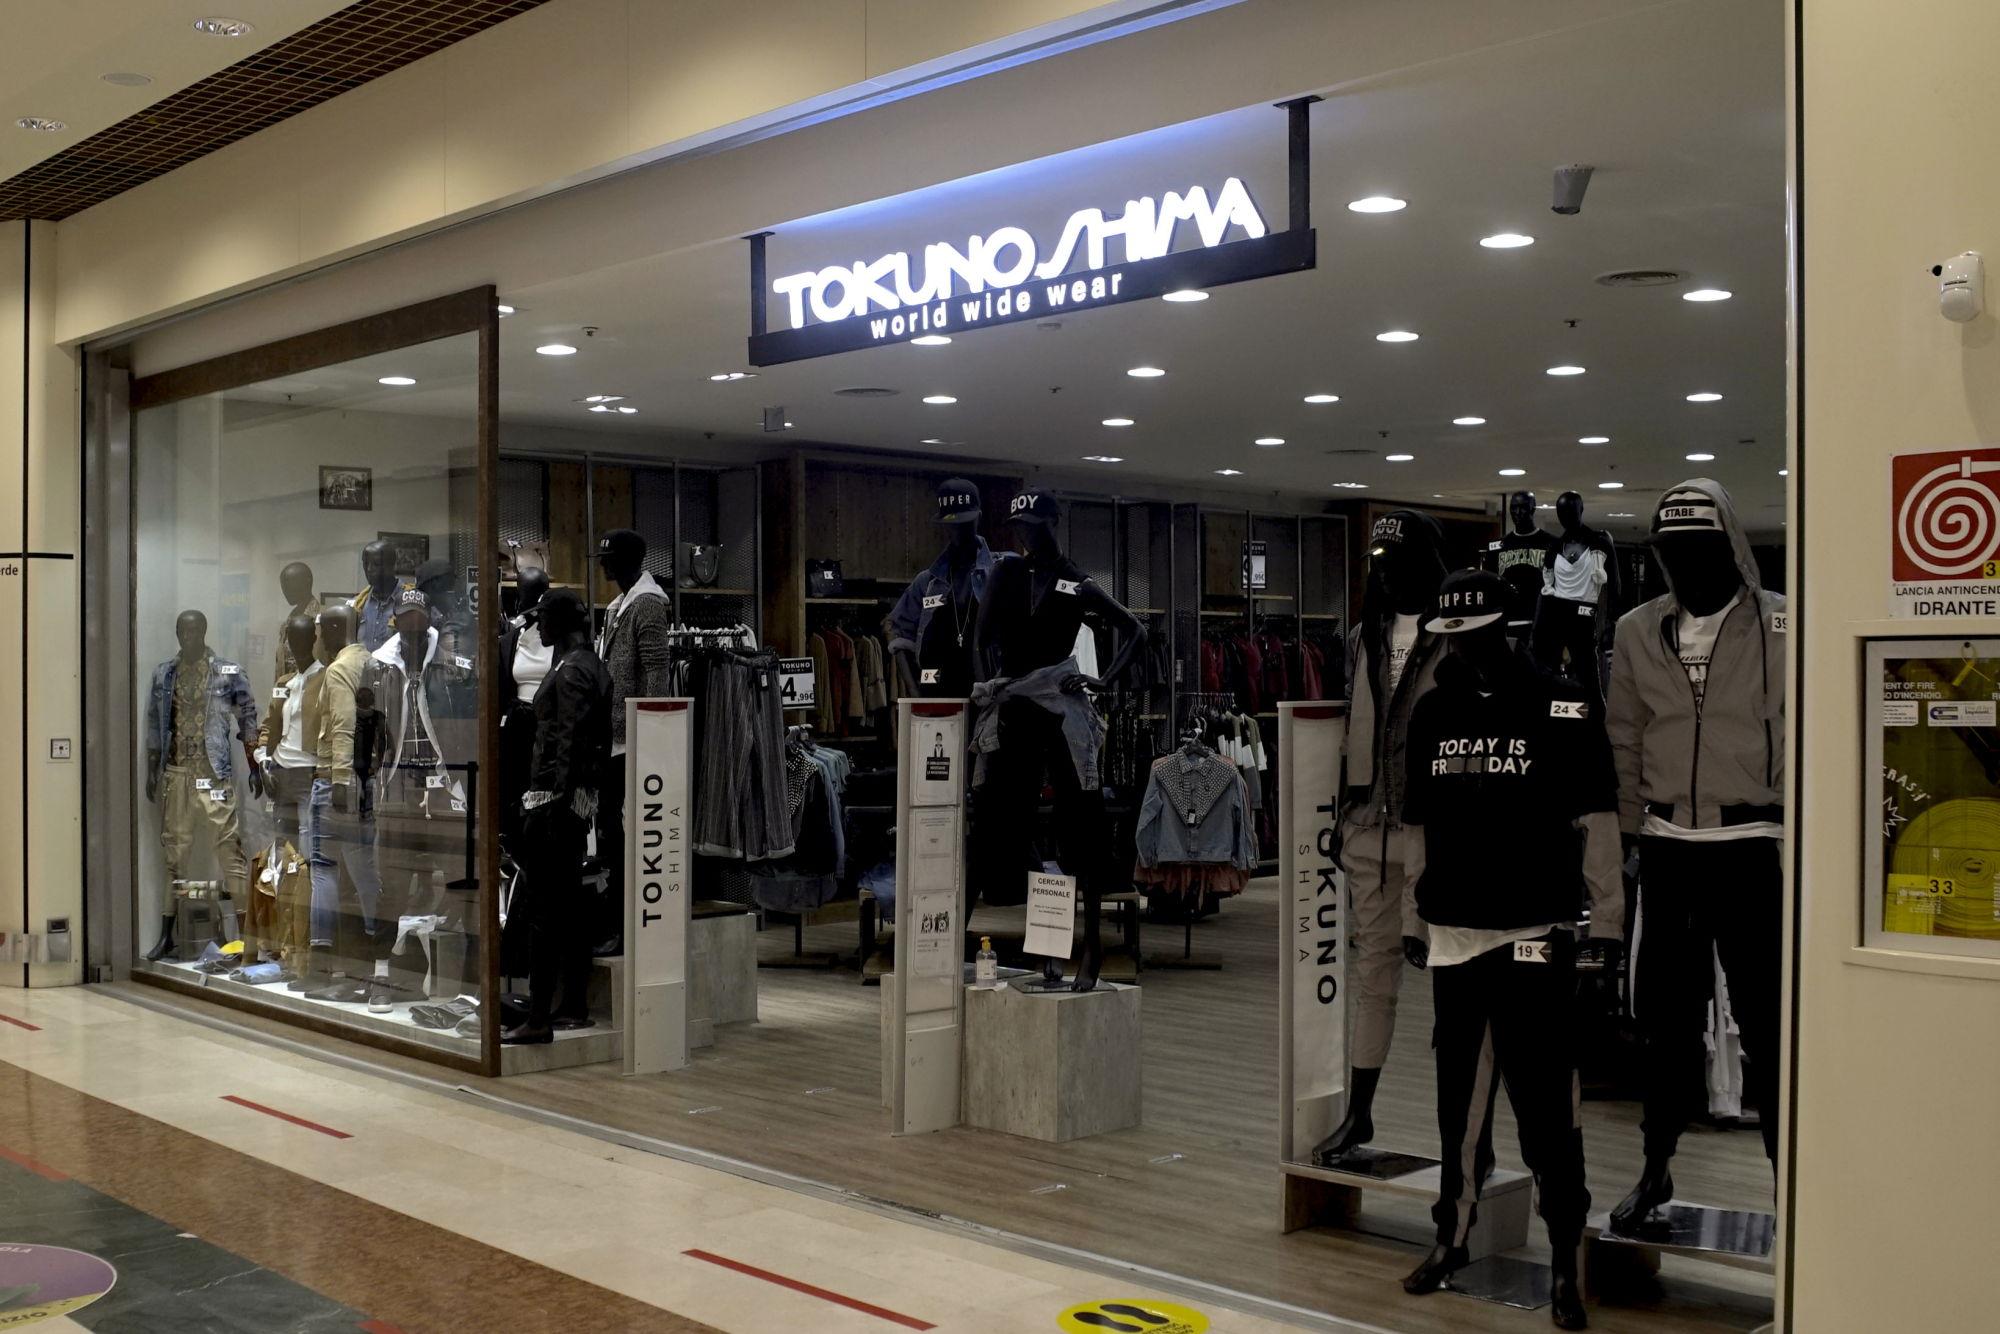 centro-costaverde-tokunoshima-centro-commerciale-Montenero-di